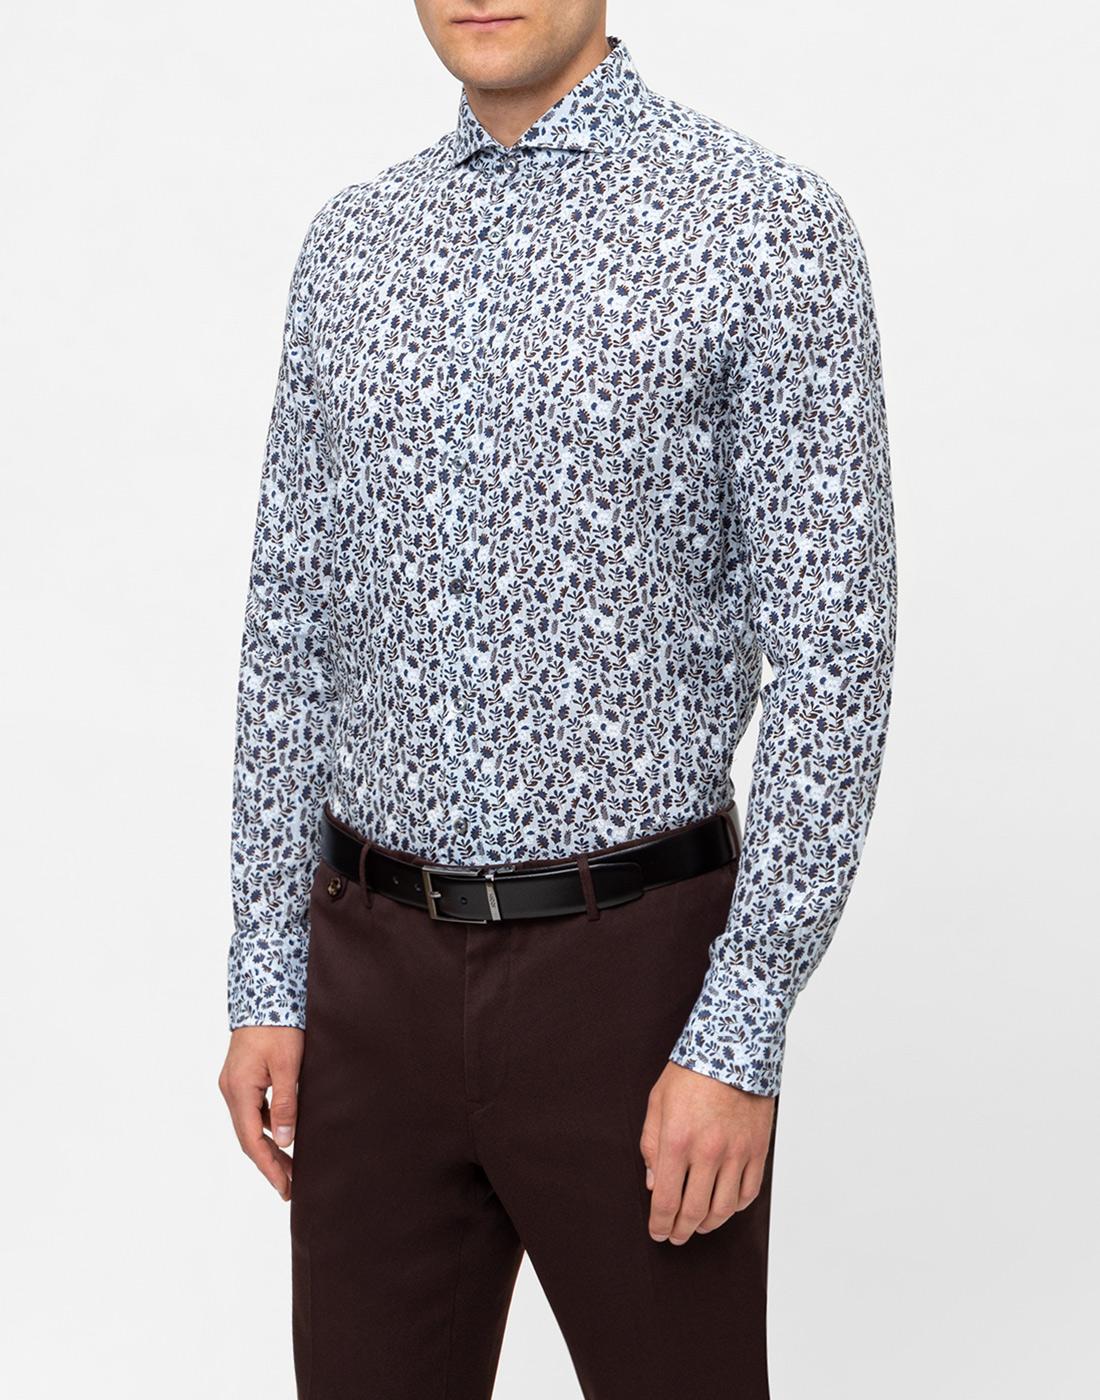 Мужская голубая льняная рубашка с принтом Van Laack S170066/727-3